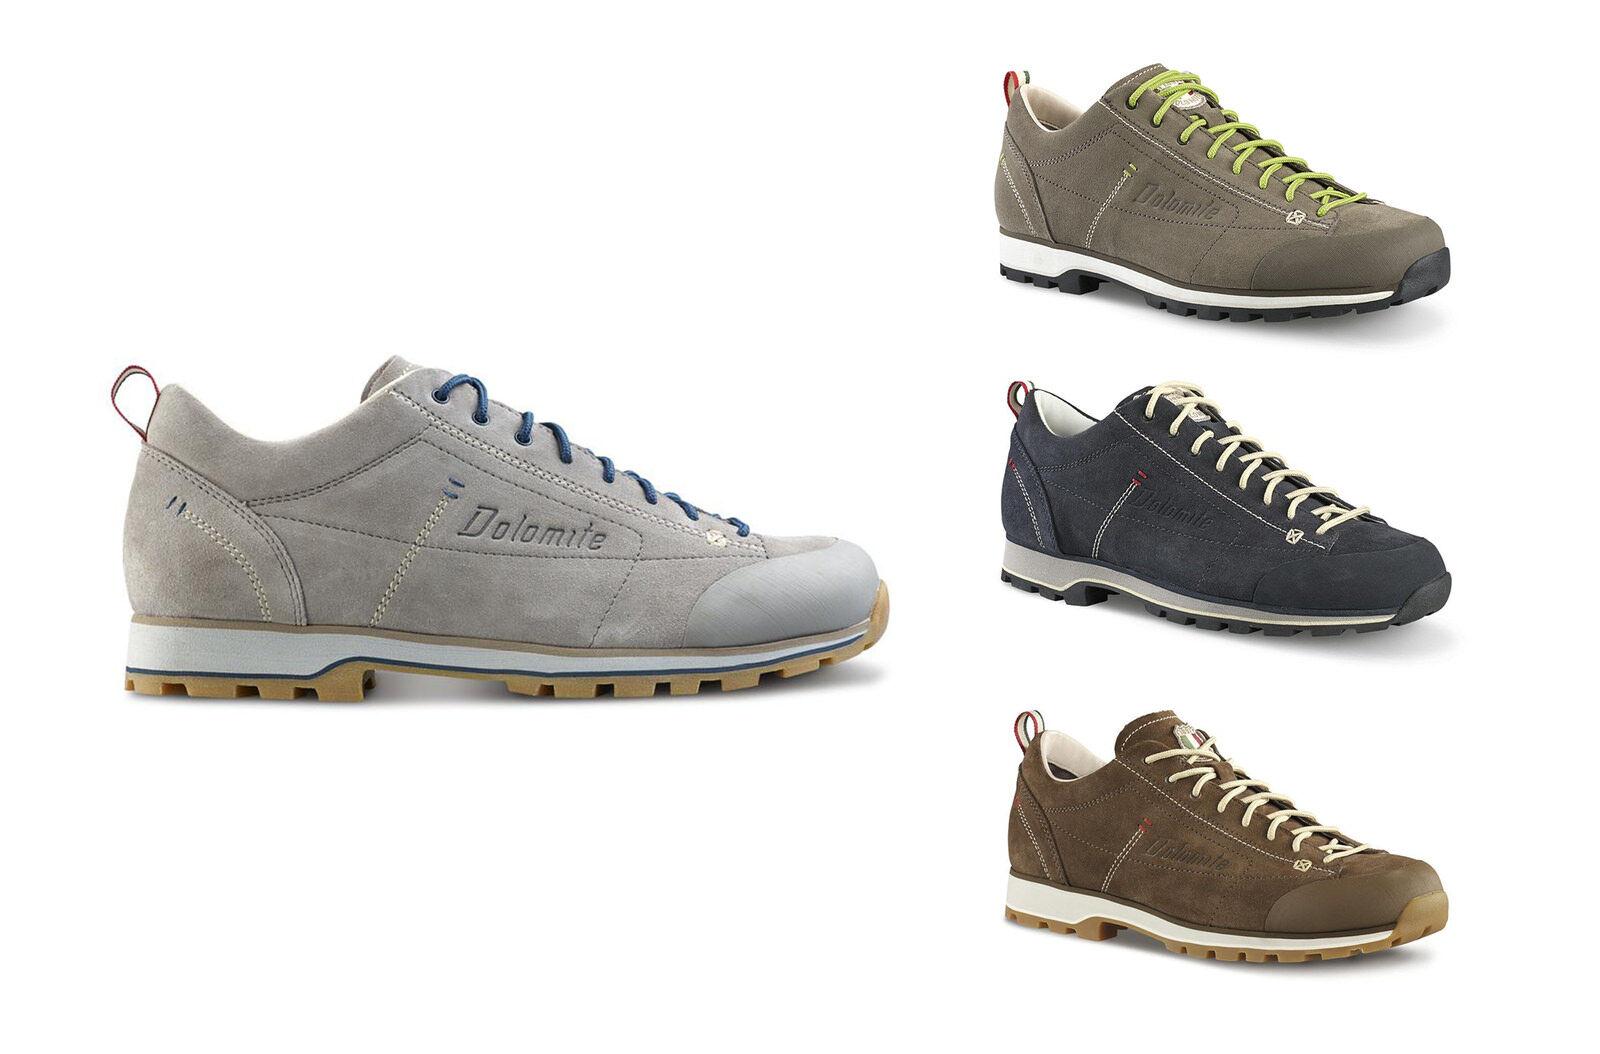 DOLOMITE DOL Shoe Cinquantaquattro Leichtwanderschuh Outdoorschuh Sportschuhe